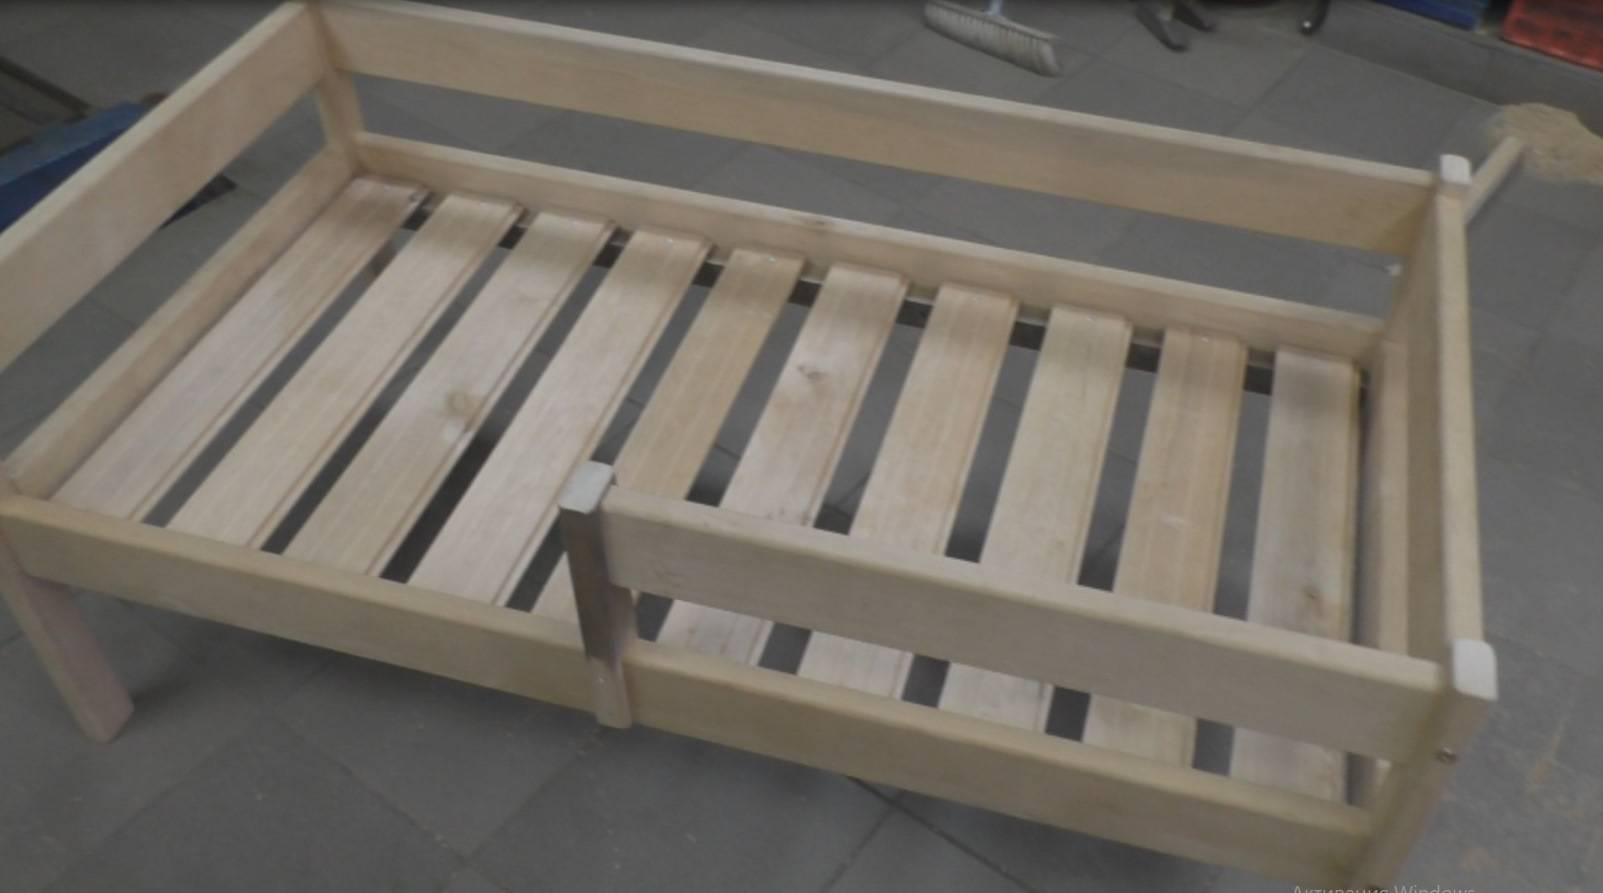 Детская кроватка своими руками: преимущества использования и советы по подбору материалов